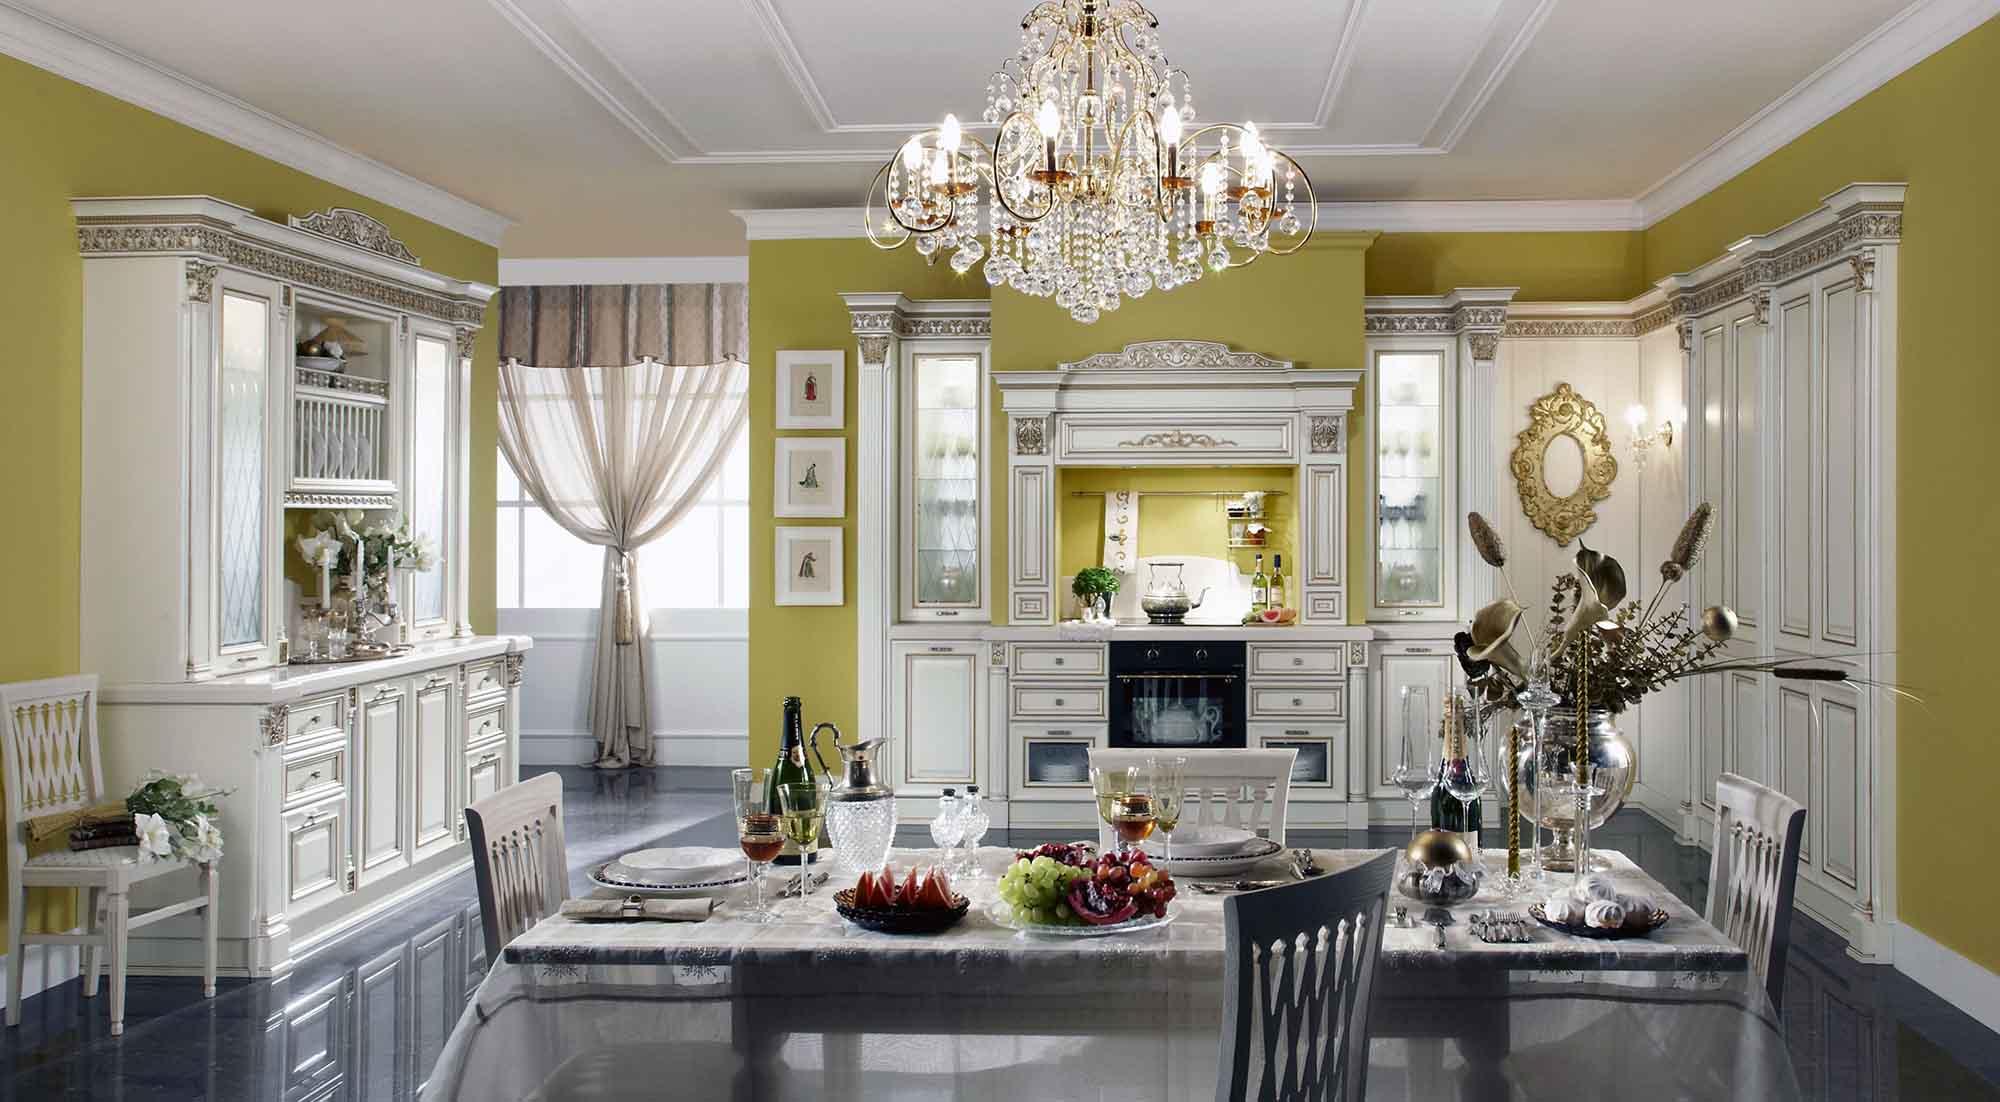 Большая люстра со стеклянными подвесками в классической бело-зеленой кухне